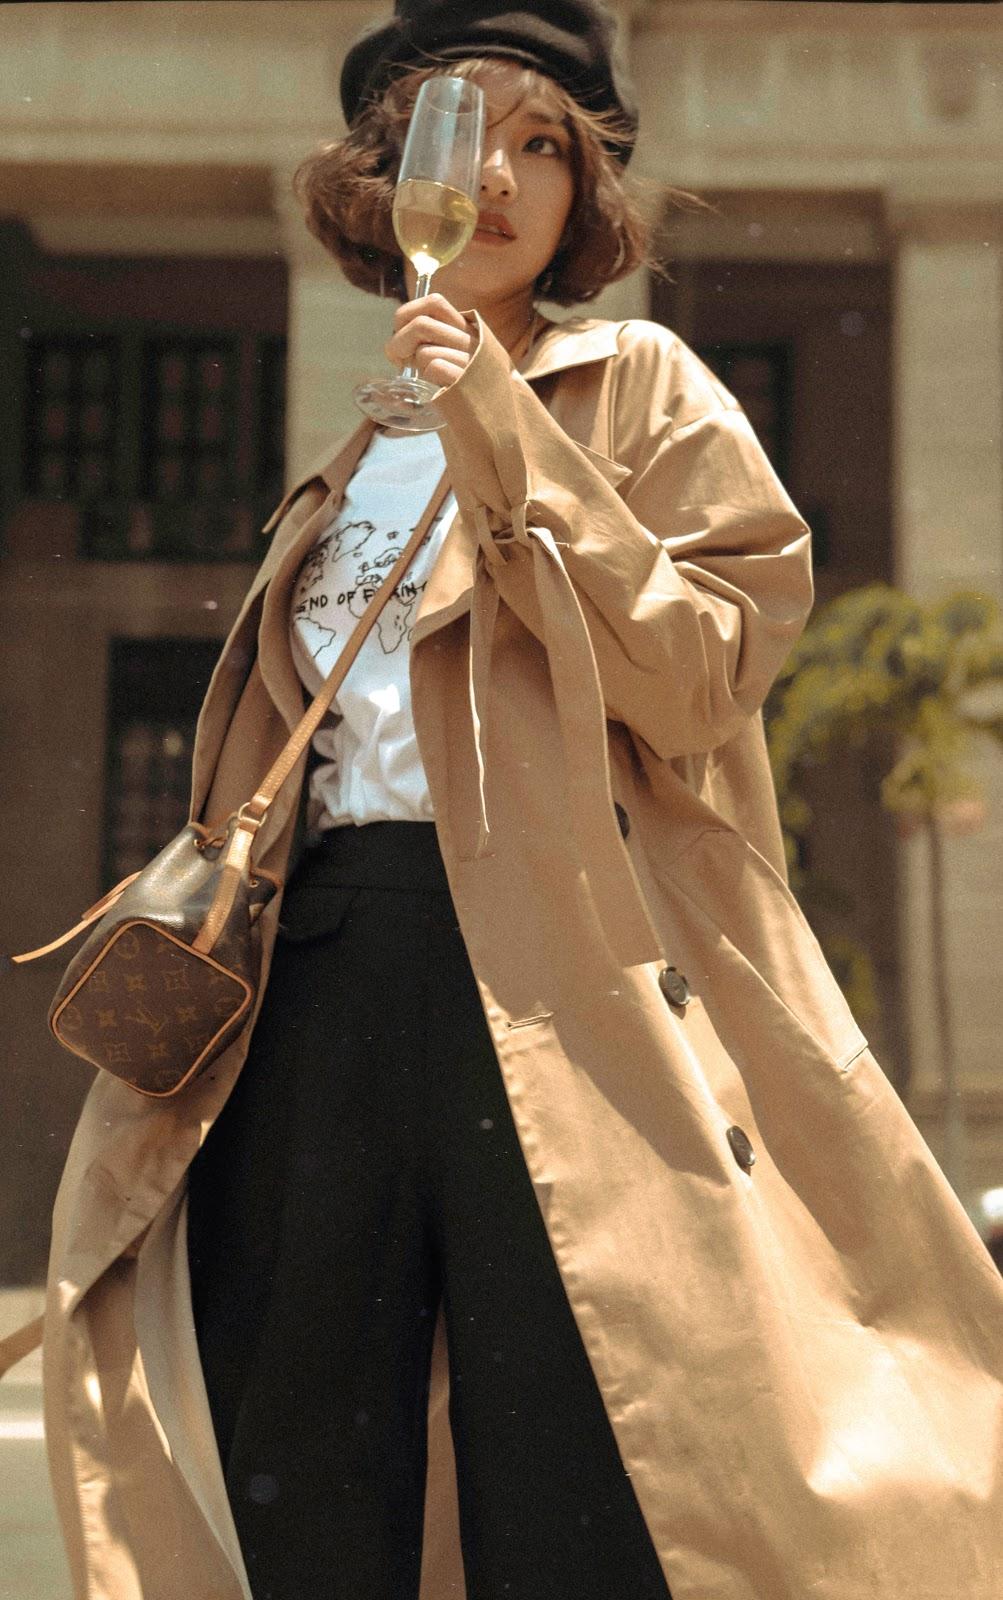 Hoàng Yến Chibi: Làm diễn viên cần có thời, cờ đến tay thì cứ thế phất - Hình 1